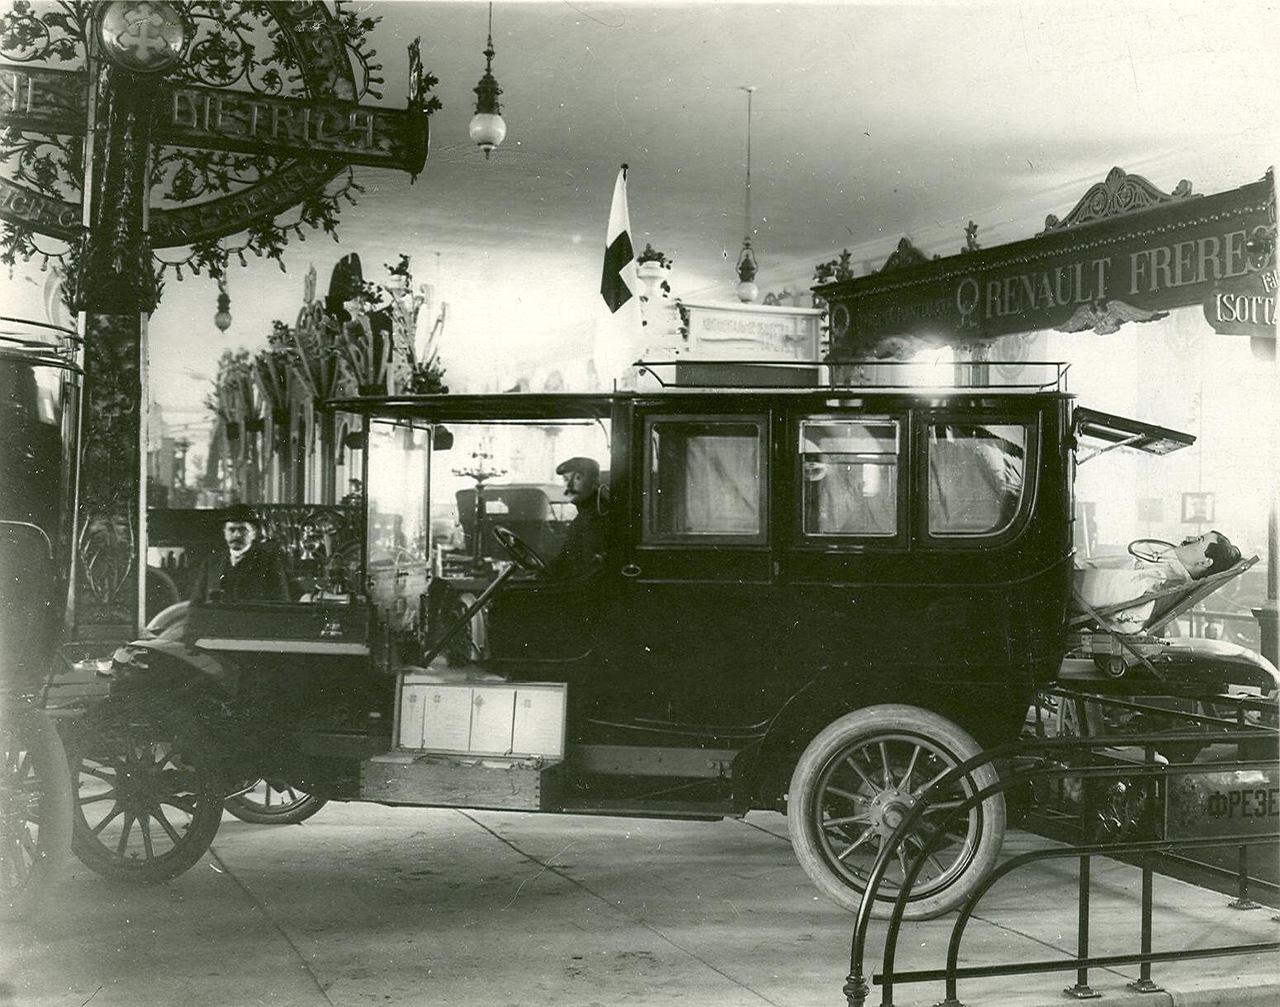 0_a93fe_7ce32a4_XXXLАвтомобиль фирмы братьев Рено с запасными частями к ним - экспонат выставки.